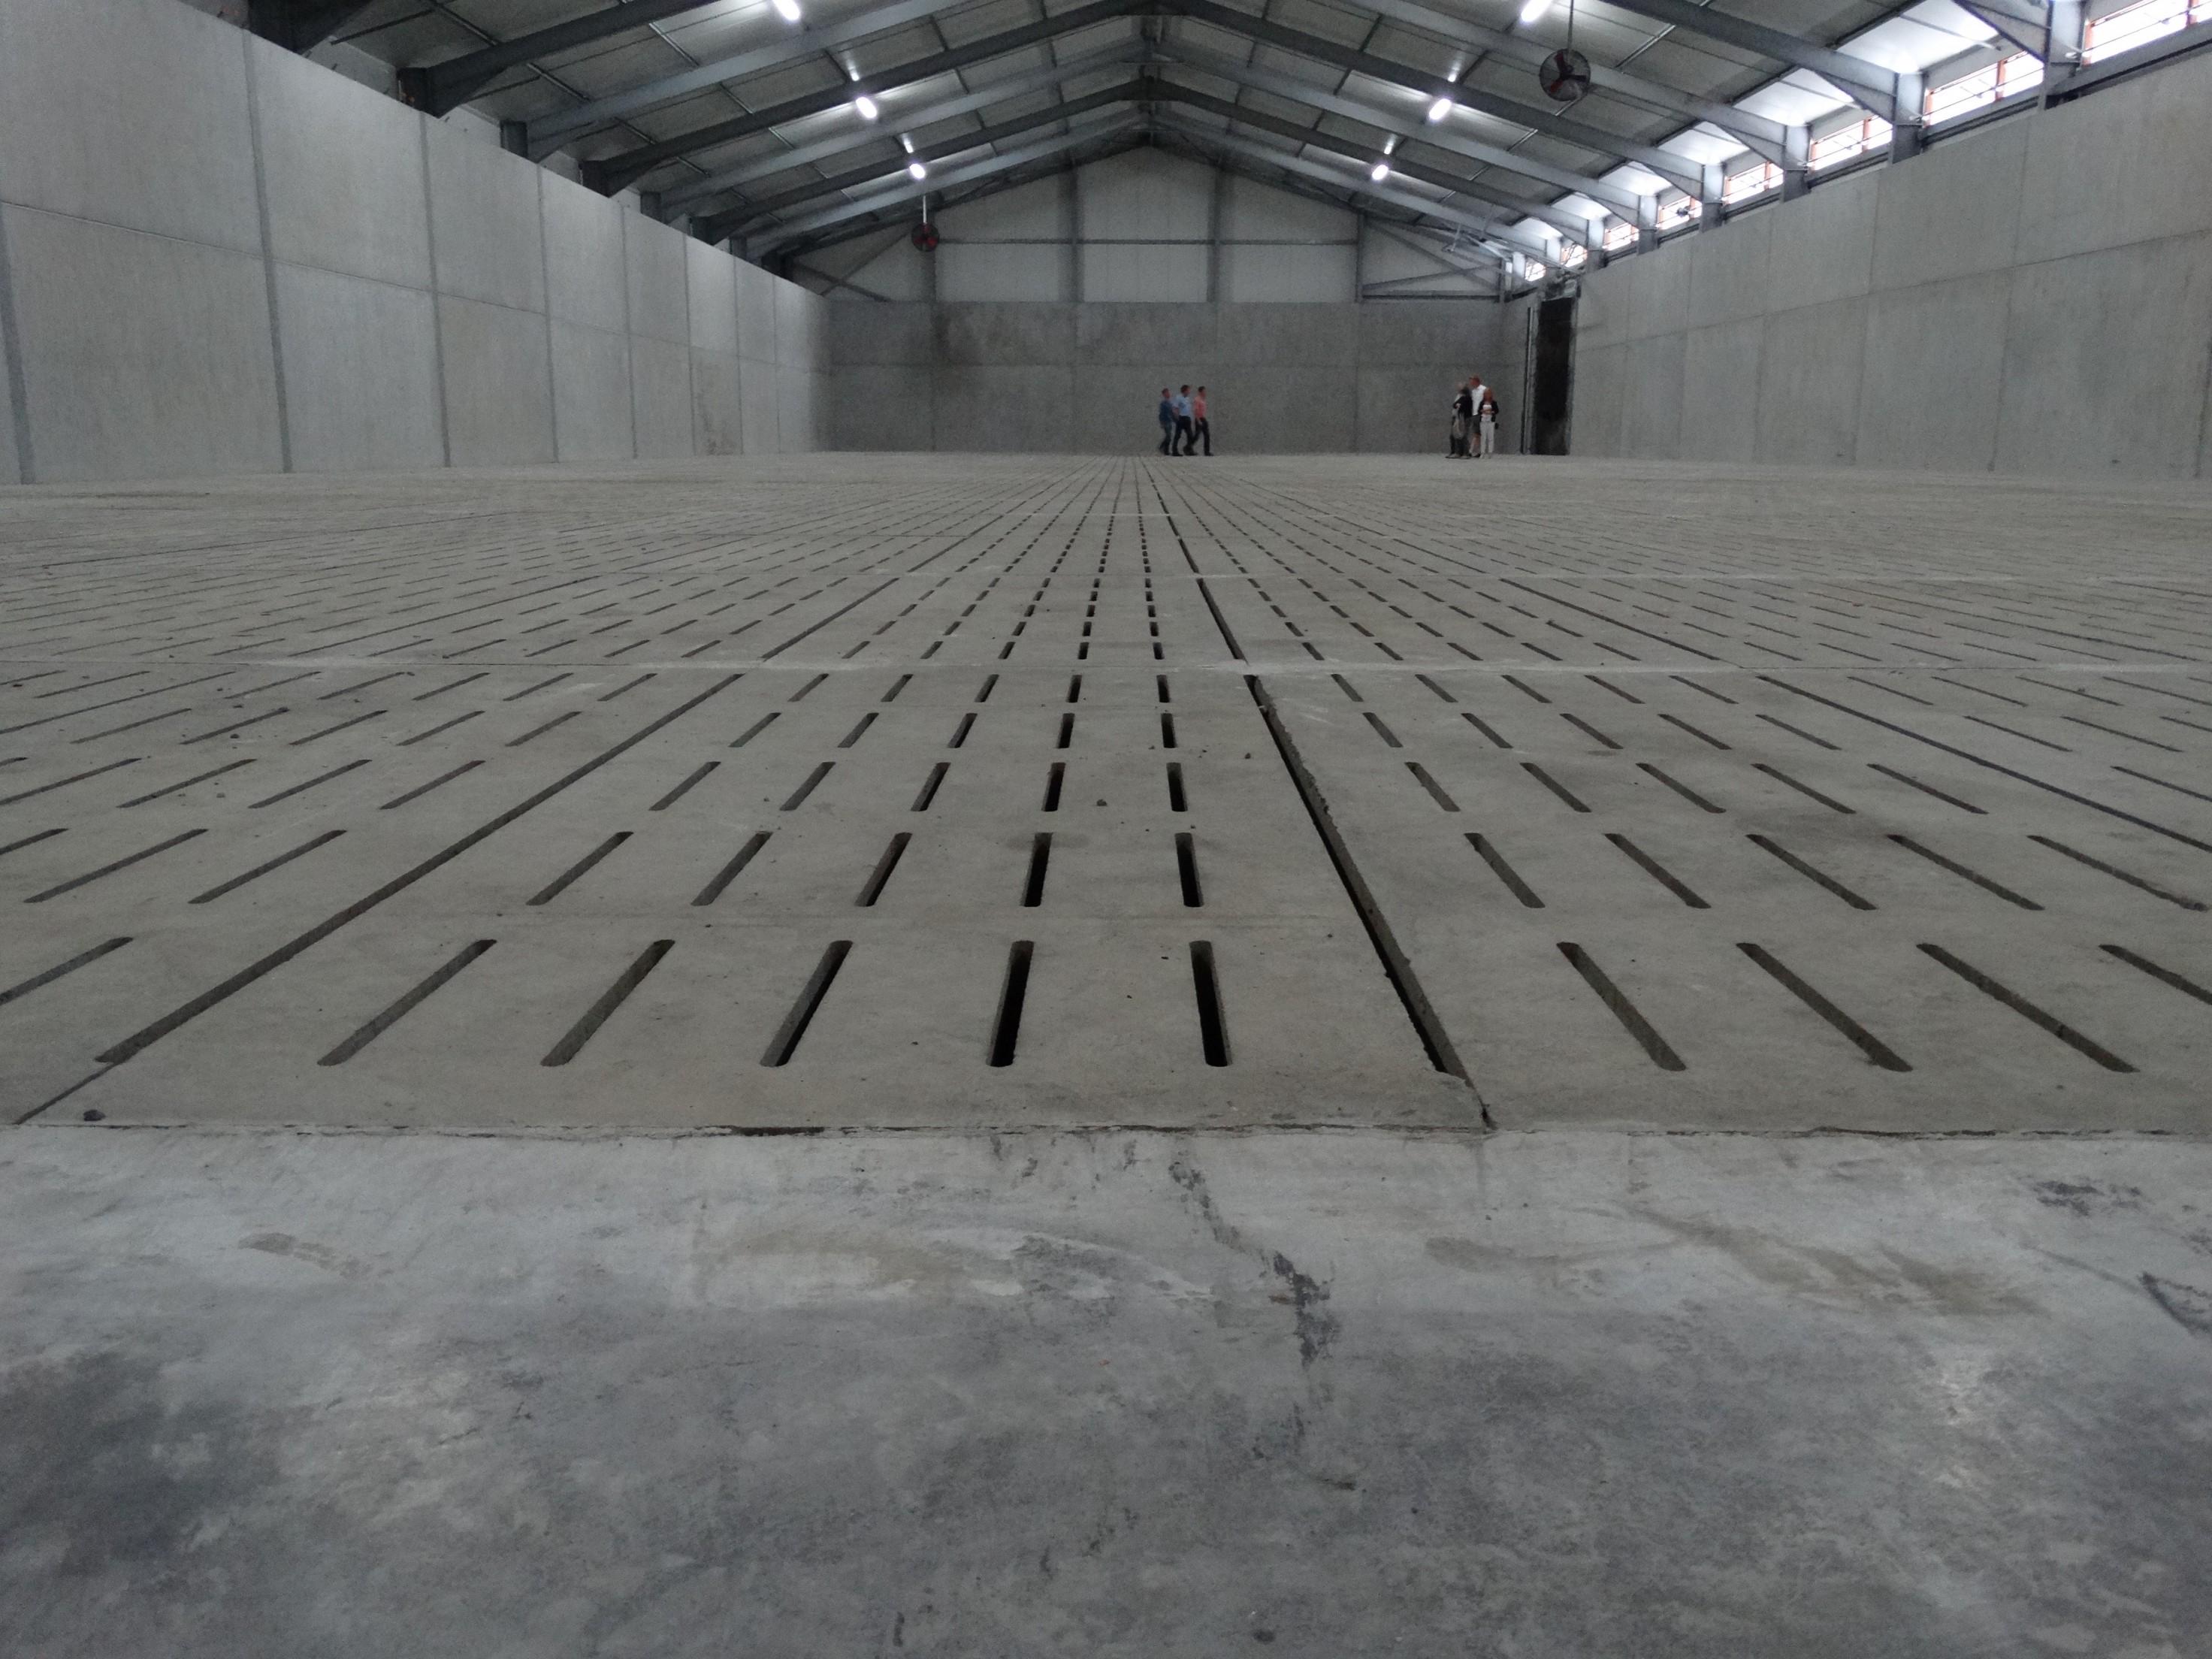 lefevre-Rosseignies-aardappelloods_hangar stockage pommes de terre (40).JPG